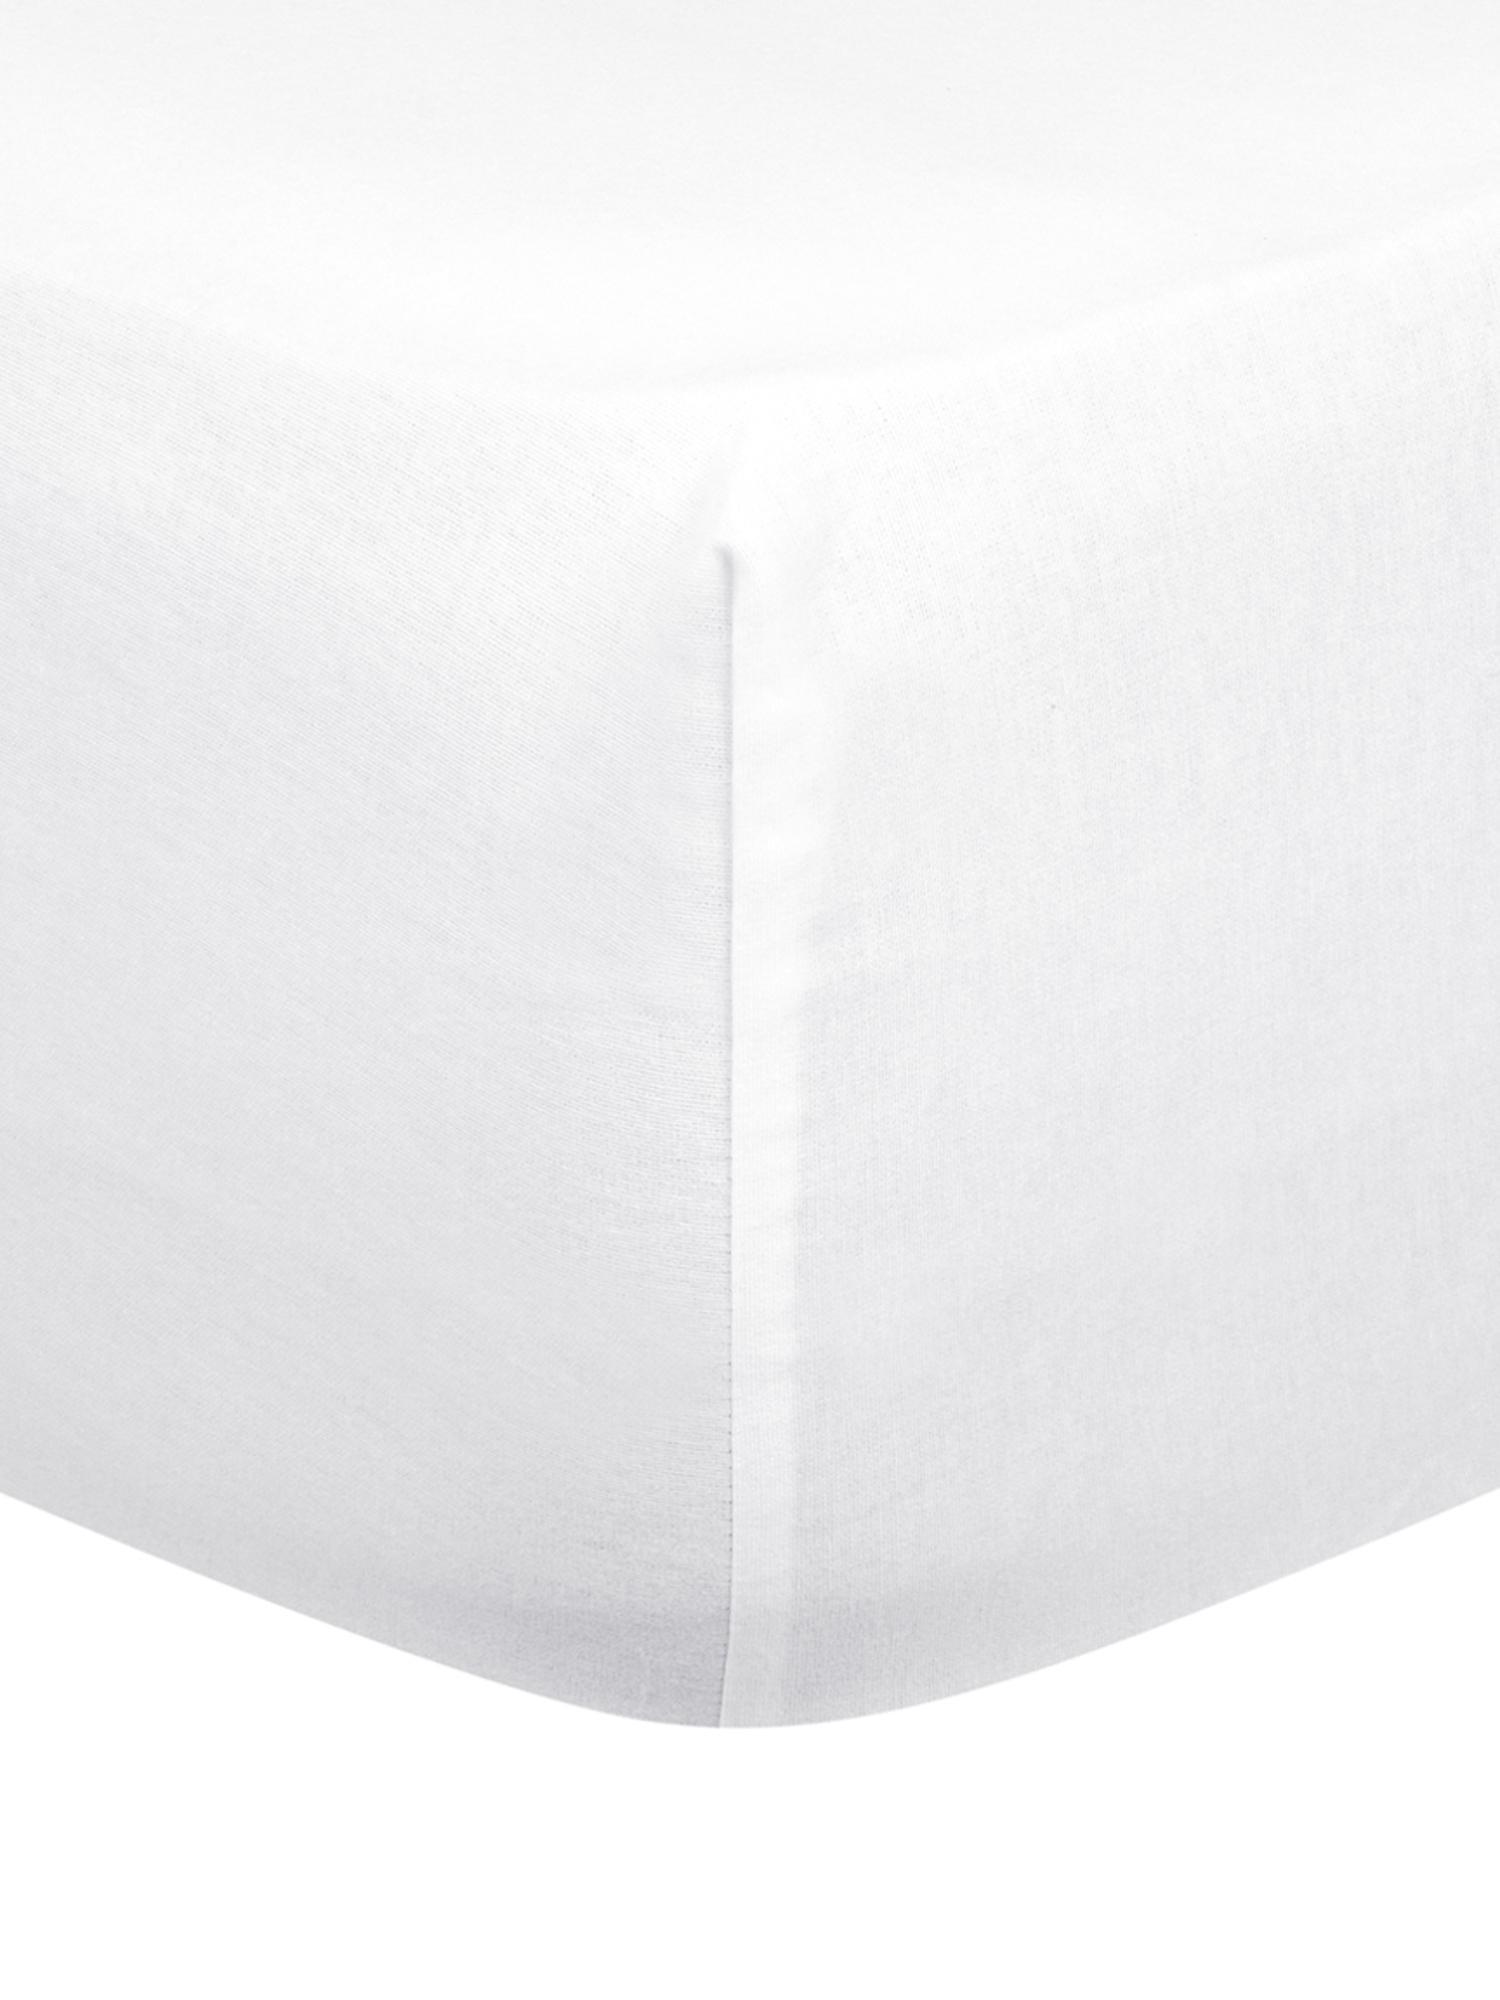 Hoeslaken Biba in wit, flanel, Weeftechniek: flanel, Wit, 90 x 200 cm